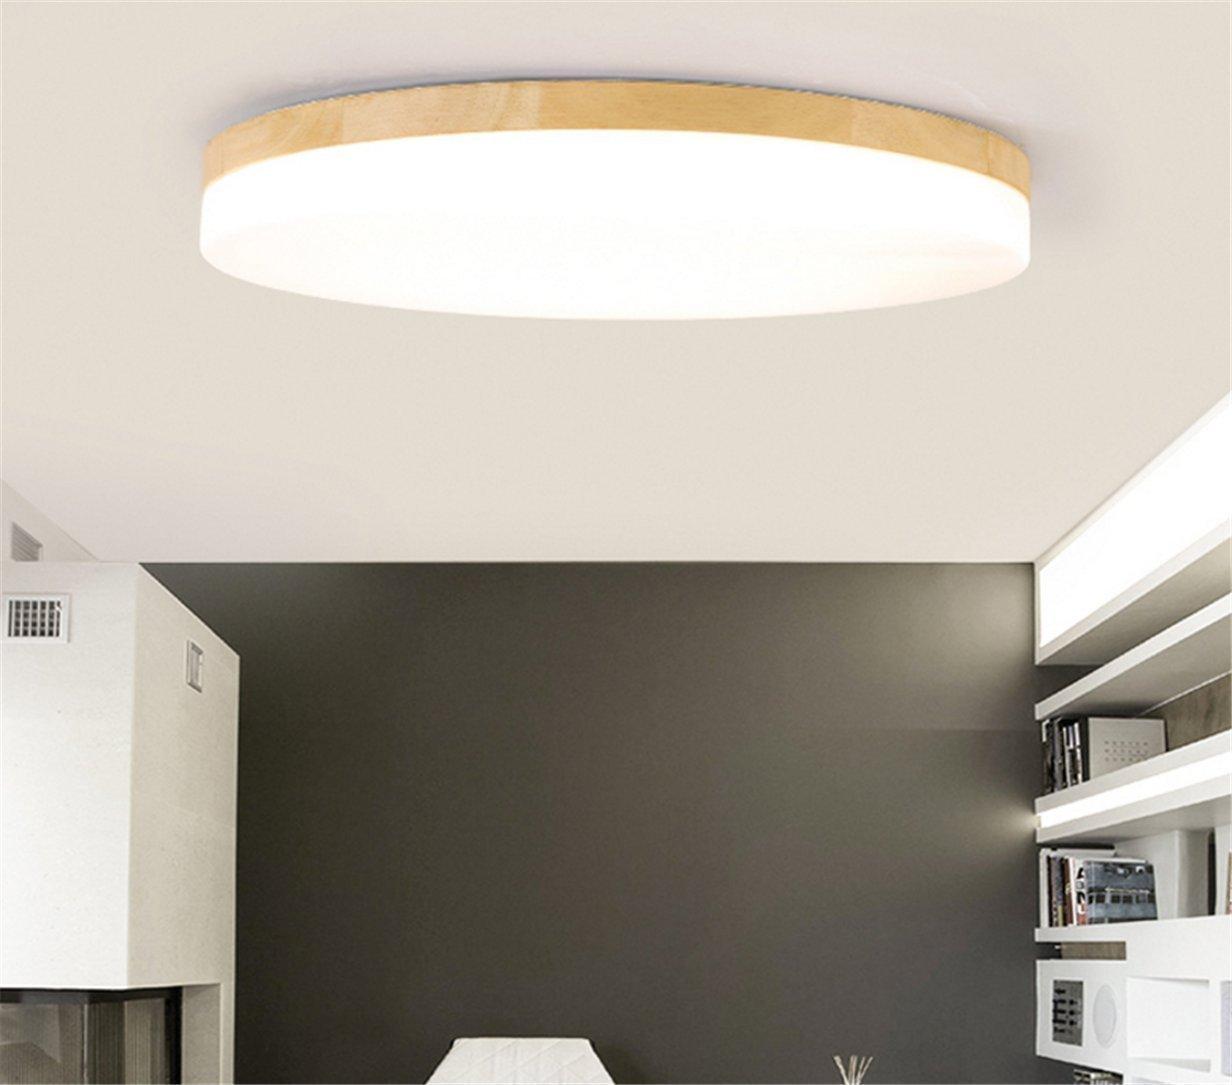 SJUN Deckenleuchte Holz Wohnzimmer Lampe Lampe Lampe Rund Flach Wohnzimmerlampe Holzlampe Eiche Deckenlampe Schlafzimmer Vintage Leuchte Decken Licht Mit LED Zimmerlampe (Farbe   Dimming, Größe   63CM 48W) 44ddec